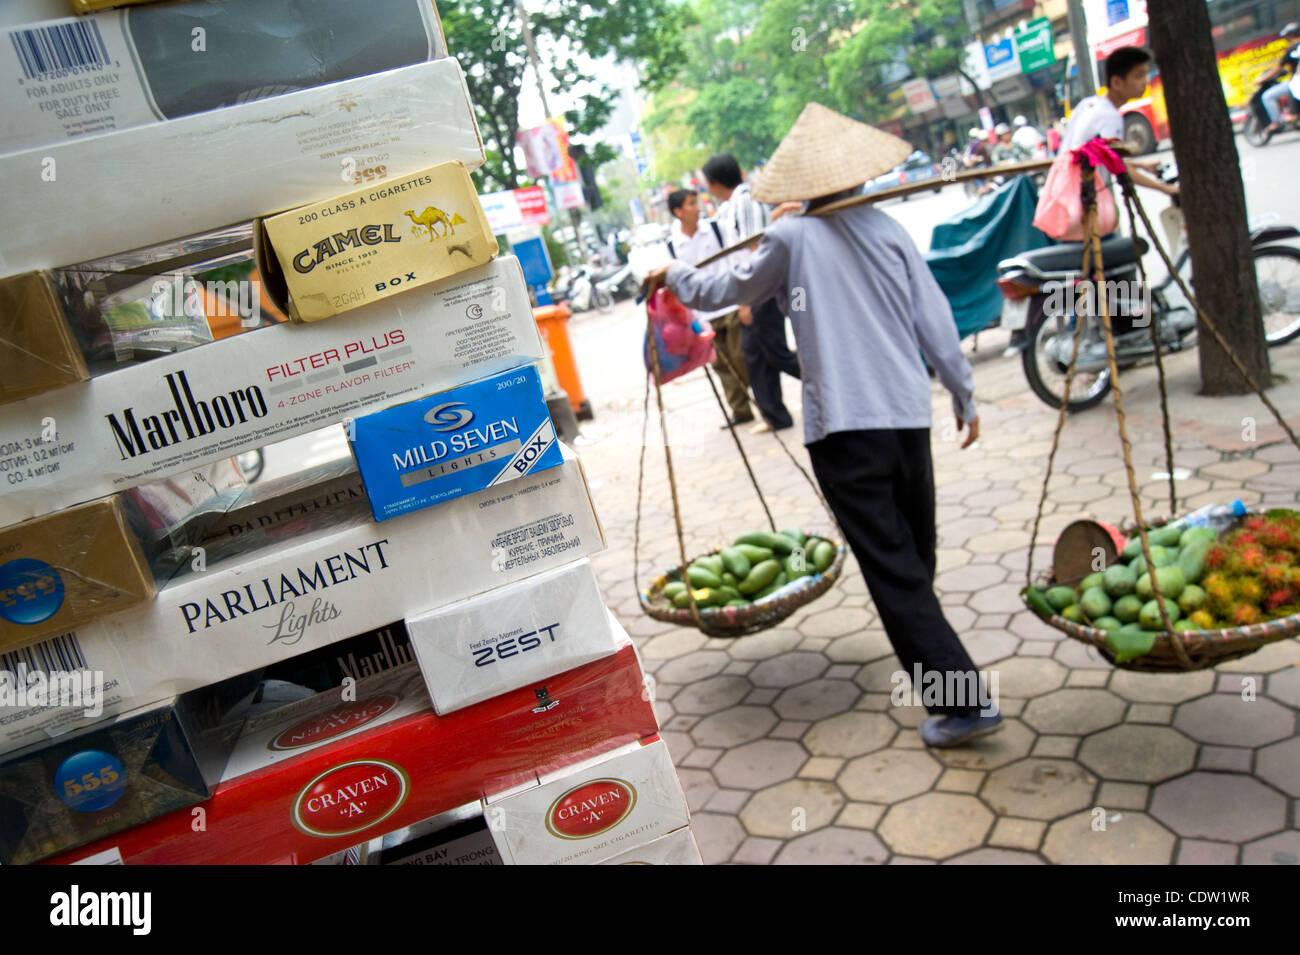 May 12, 2011 - Hanoi, Viet Nam - May 12, 2011, Hanoi, Viet